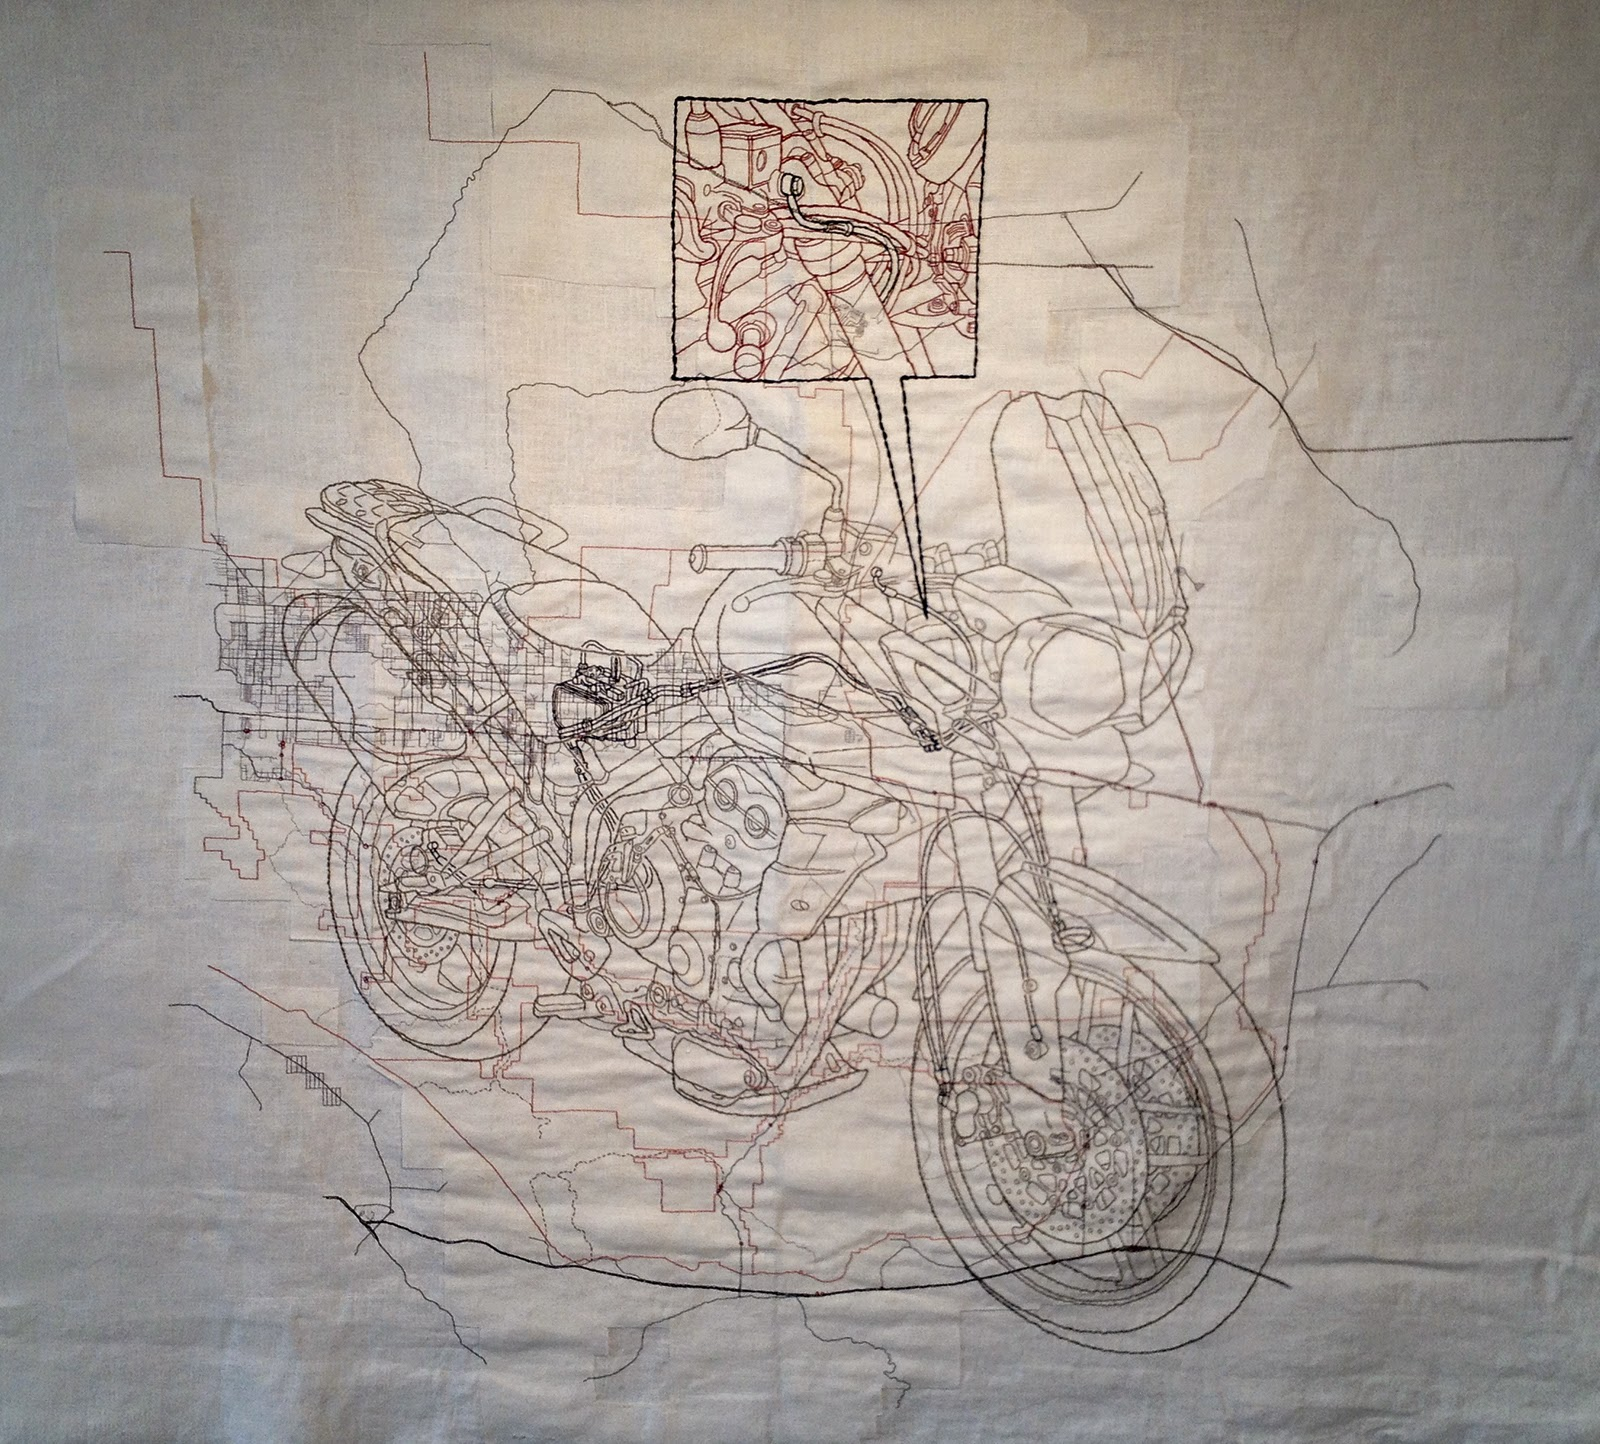 triumph cotton floss on linen burlap 69 x 75 inches 2013